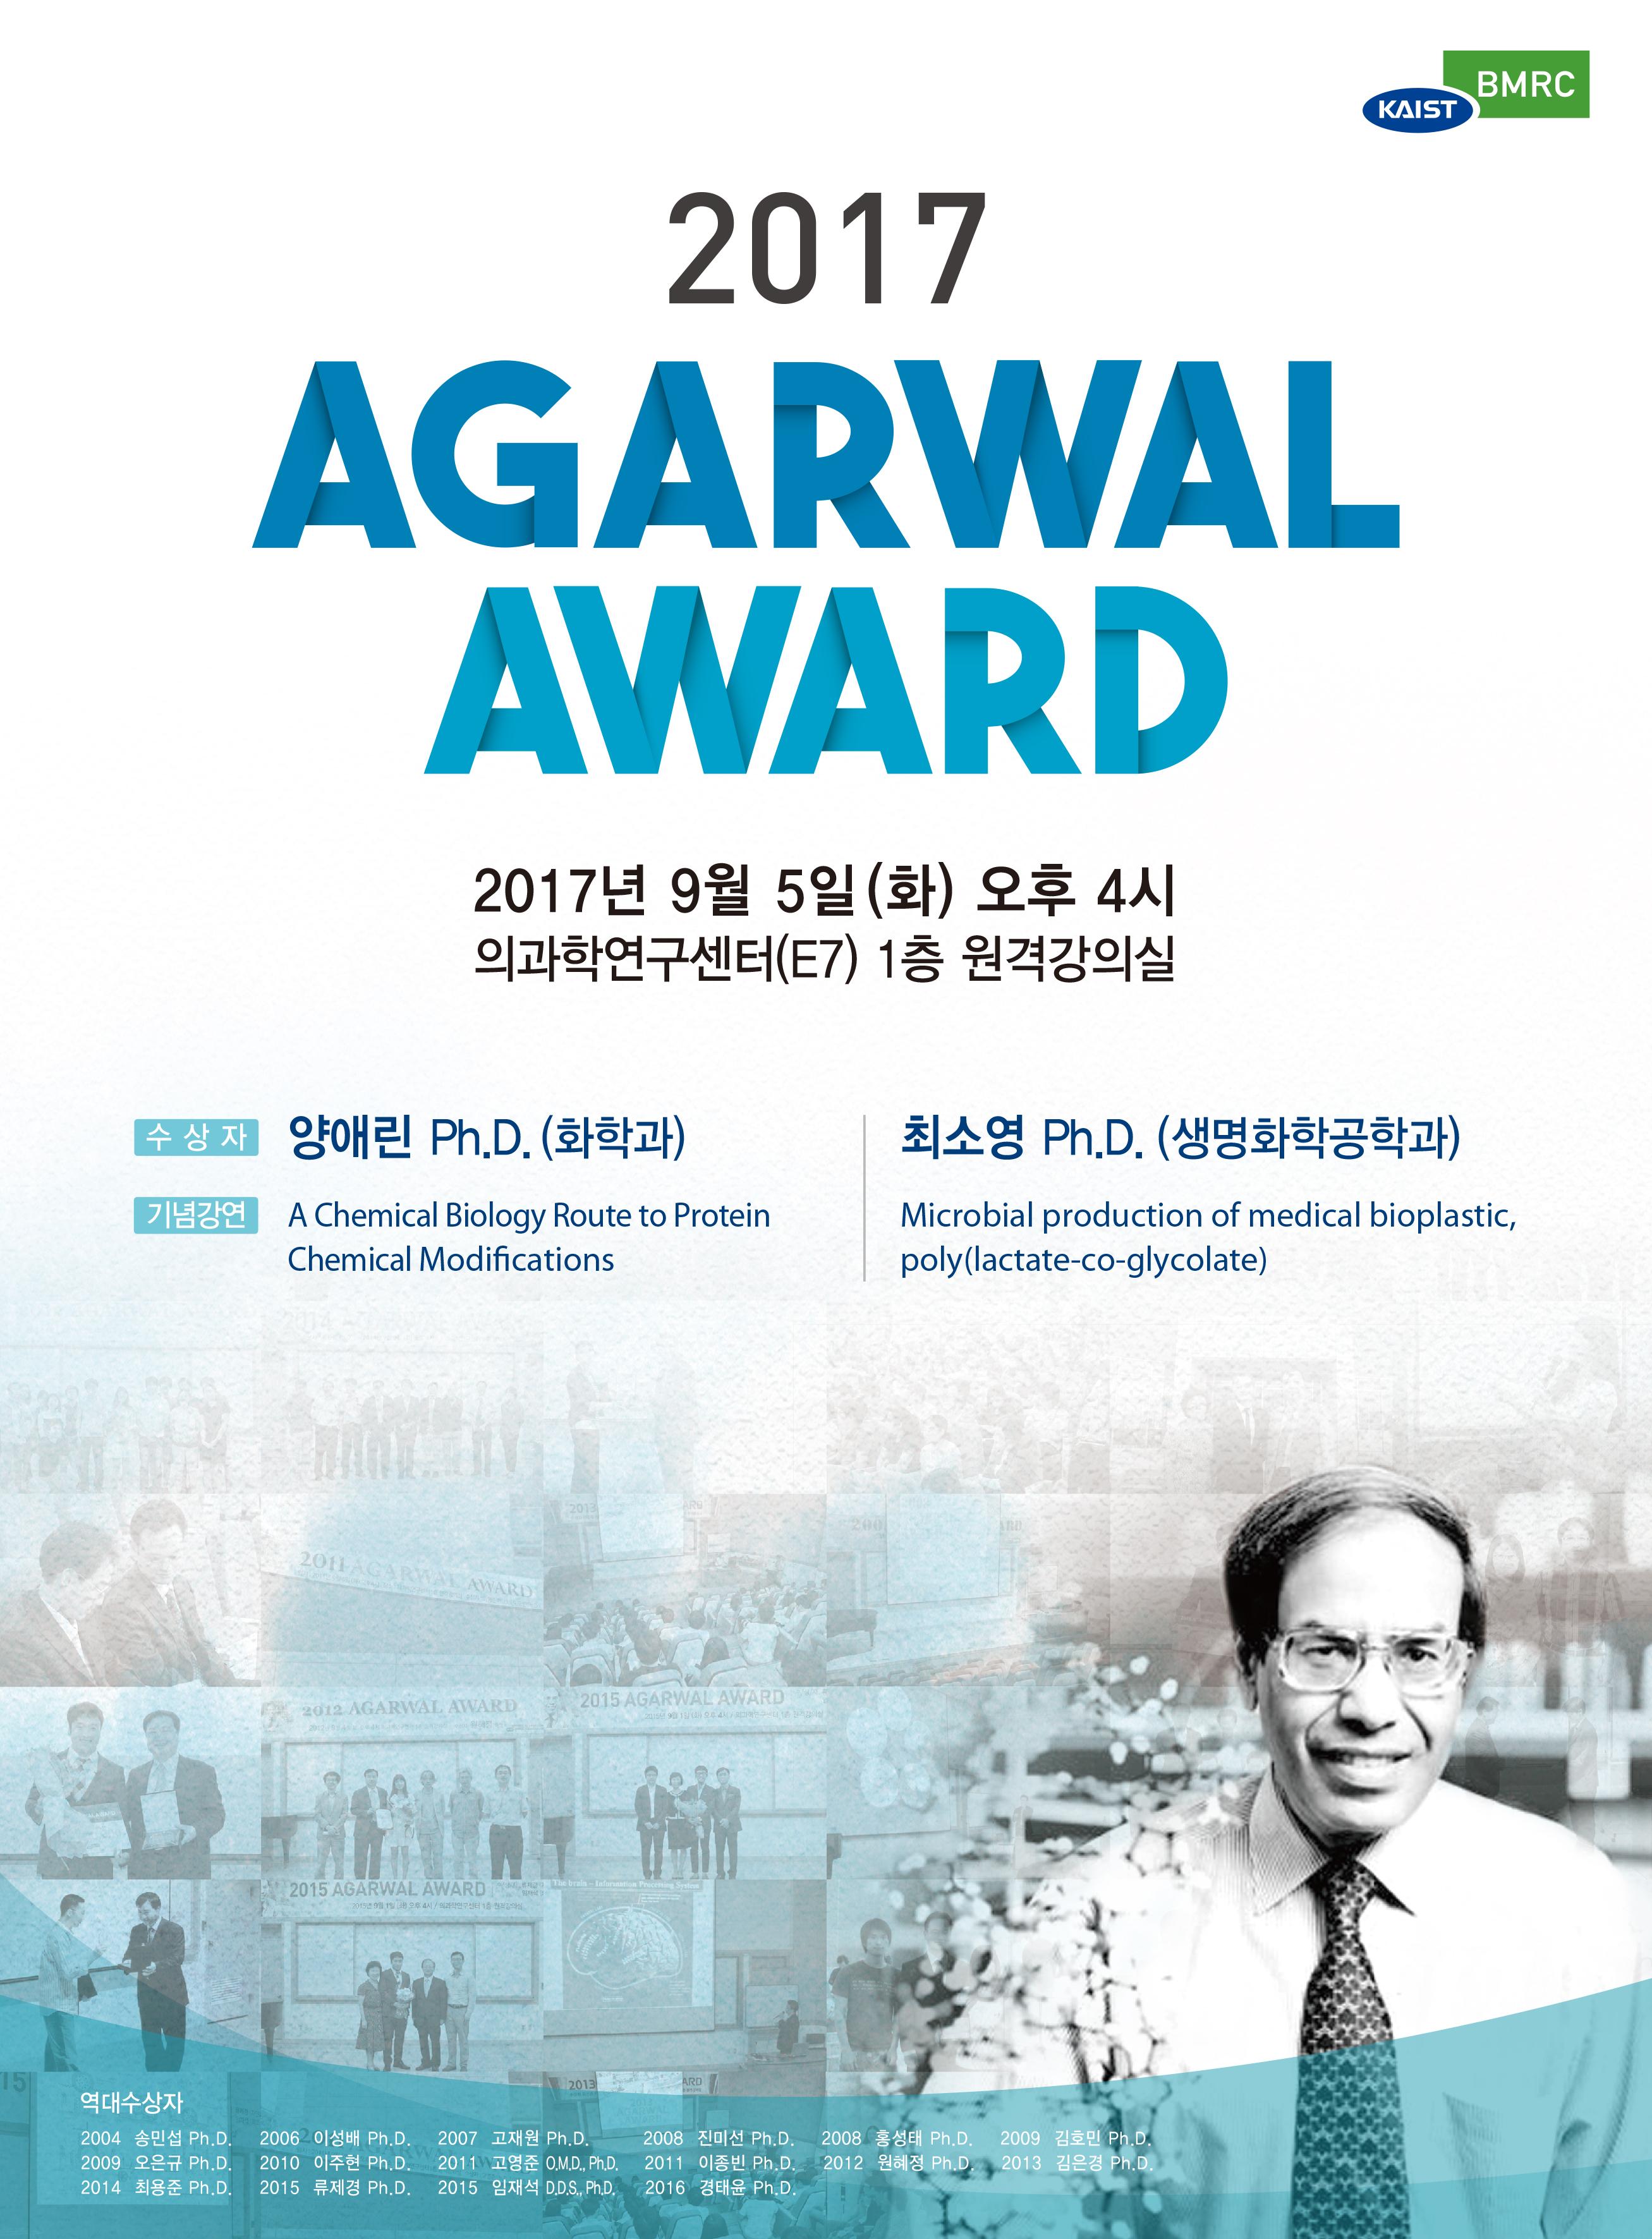 제14회 Agarwal Award 시상식 개최(포스터).jpg